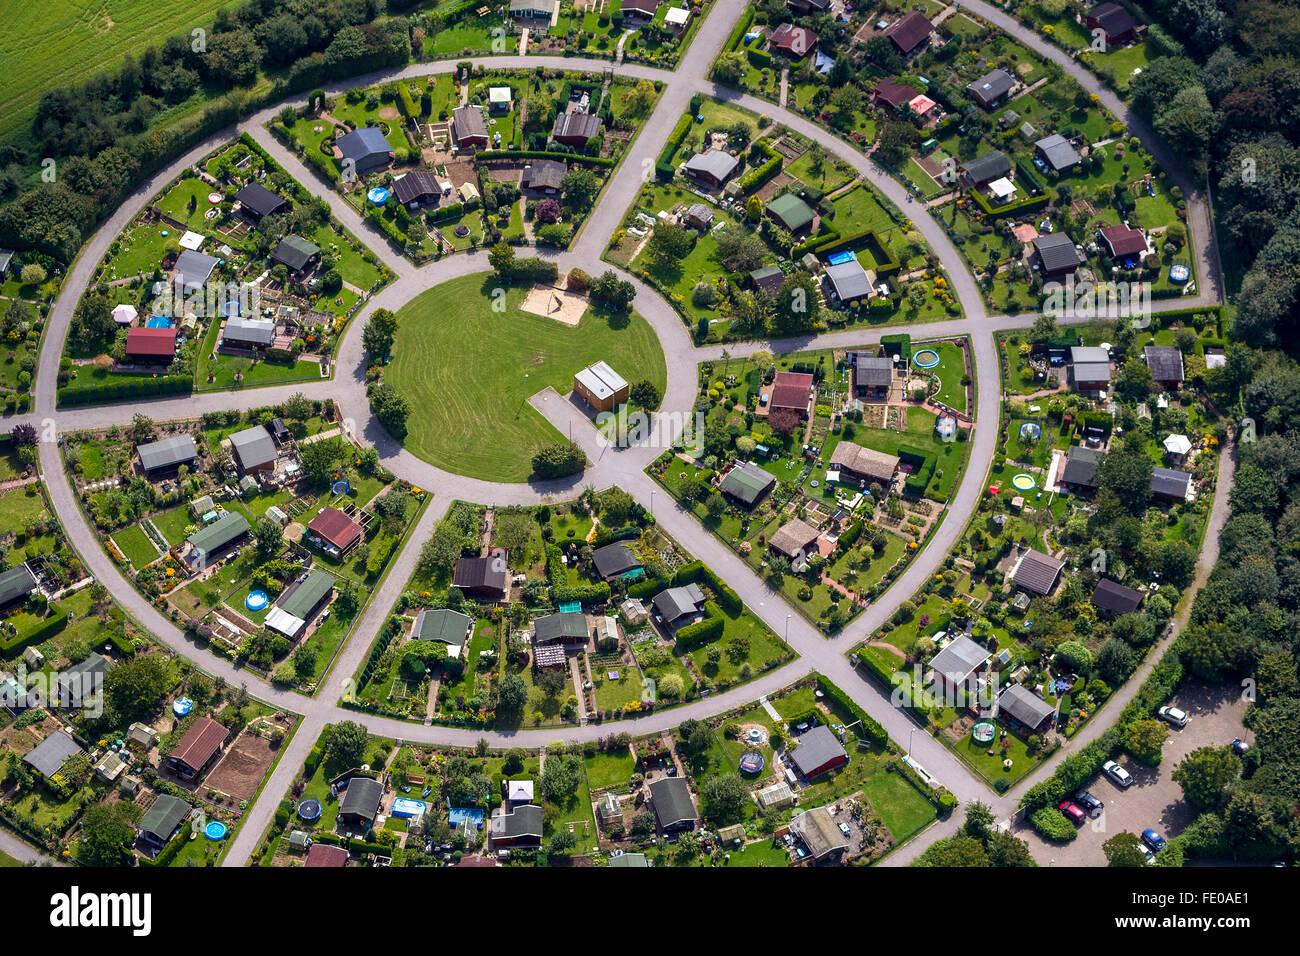 Aerial view small garden round gardens Cäcilienstrasse circle circular K&-Lintfort Lower Rhine North Rhine-Westphalia & Aerial view small garden round gardens Cäcilienstrasse circle ...